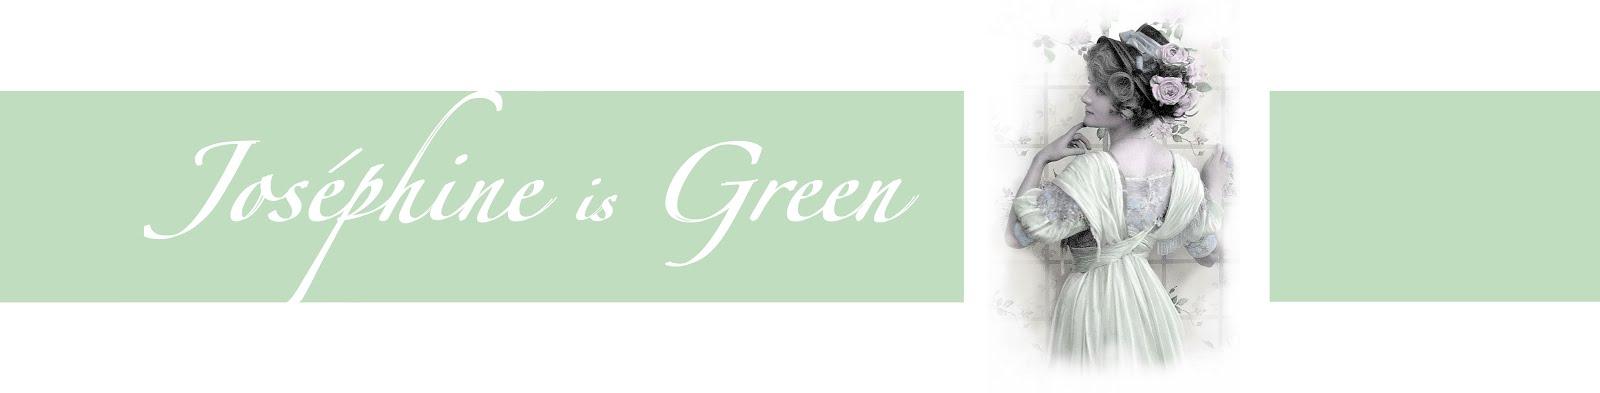 Josephine is Green